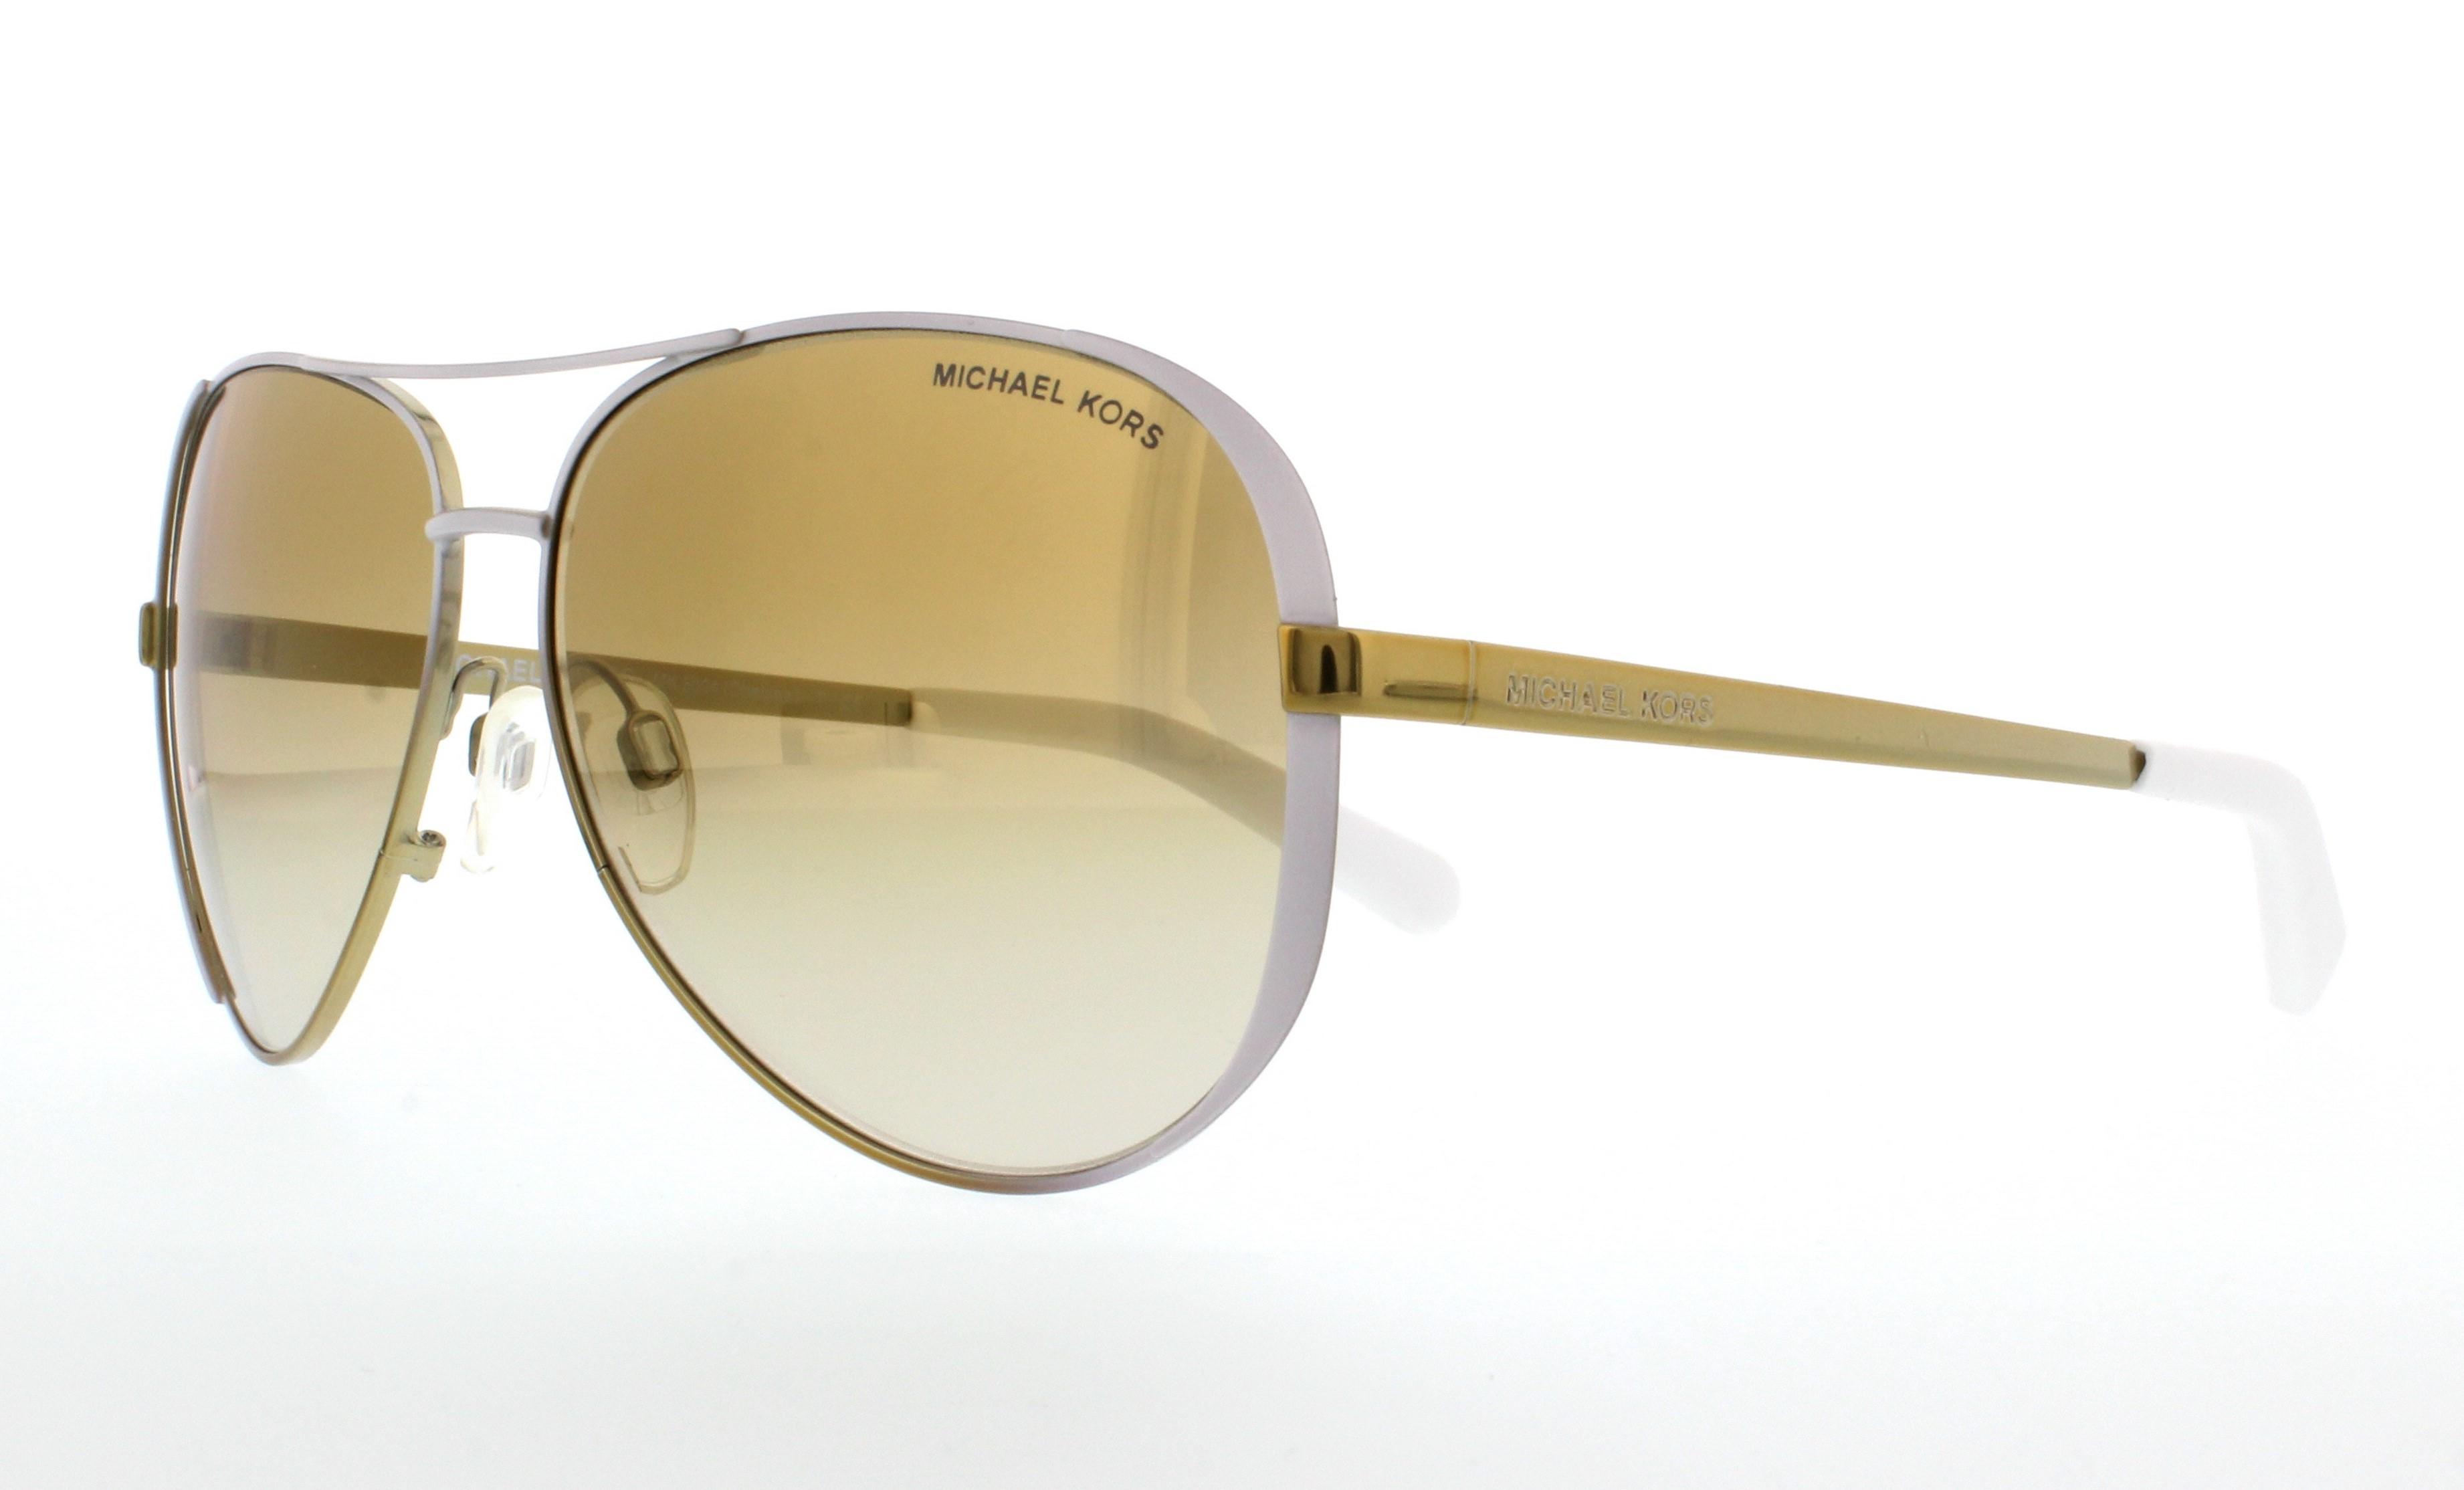 c221f77a503f6 Designer Frames Outlet. Michael Kors MK5004 Chelsea